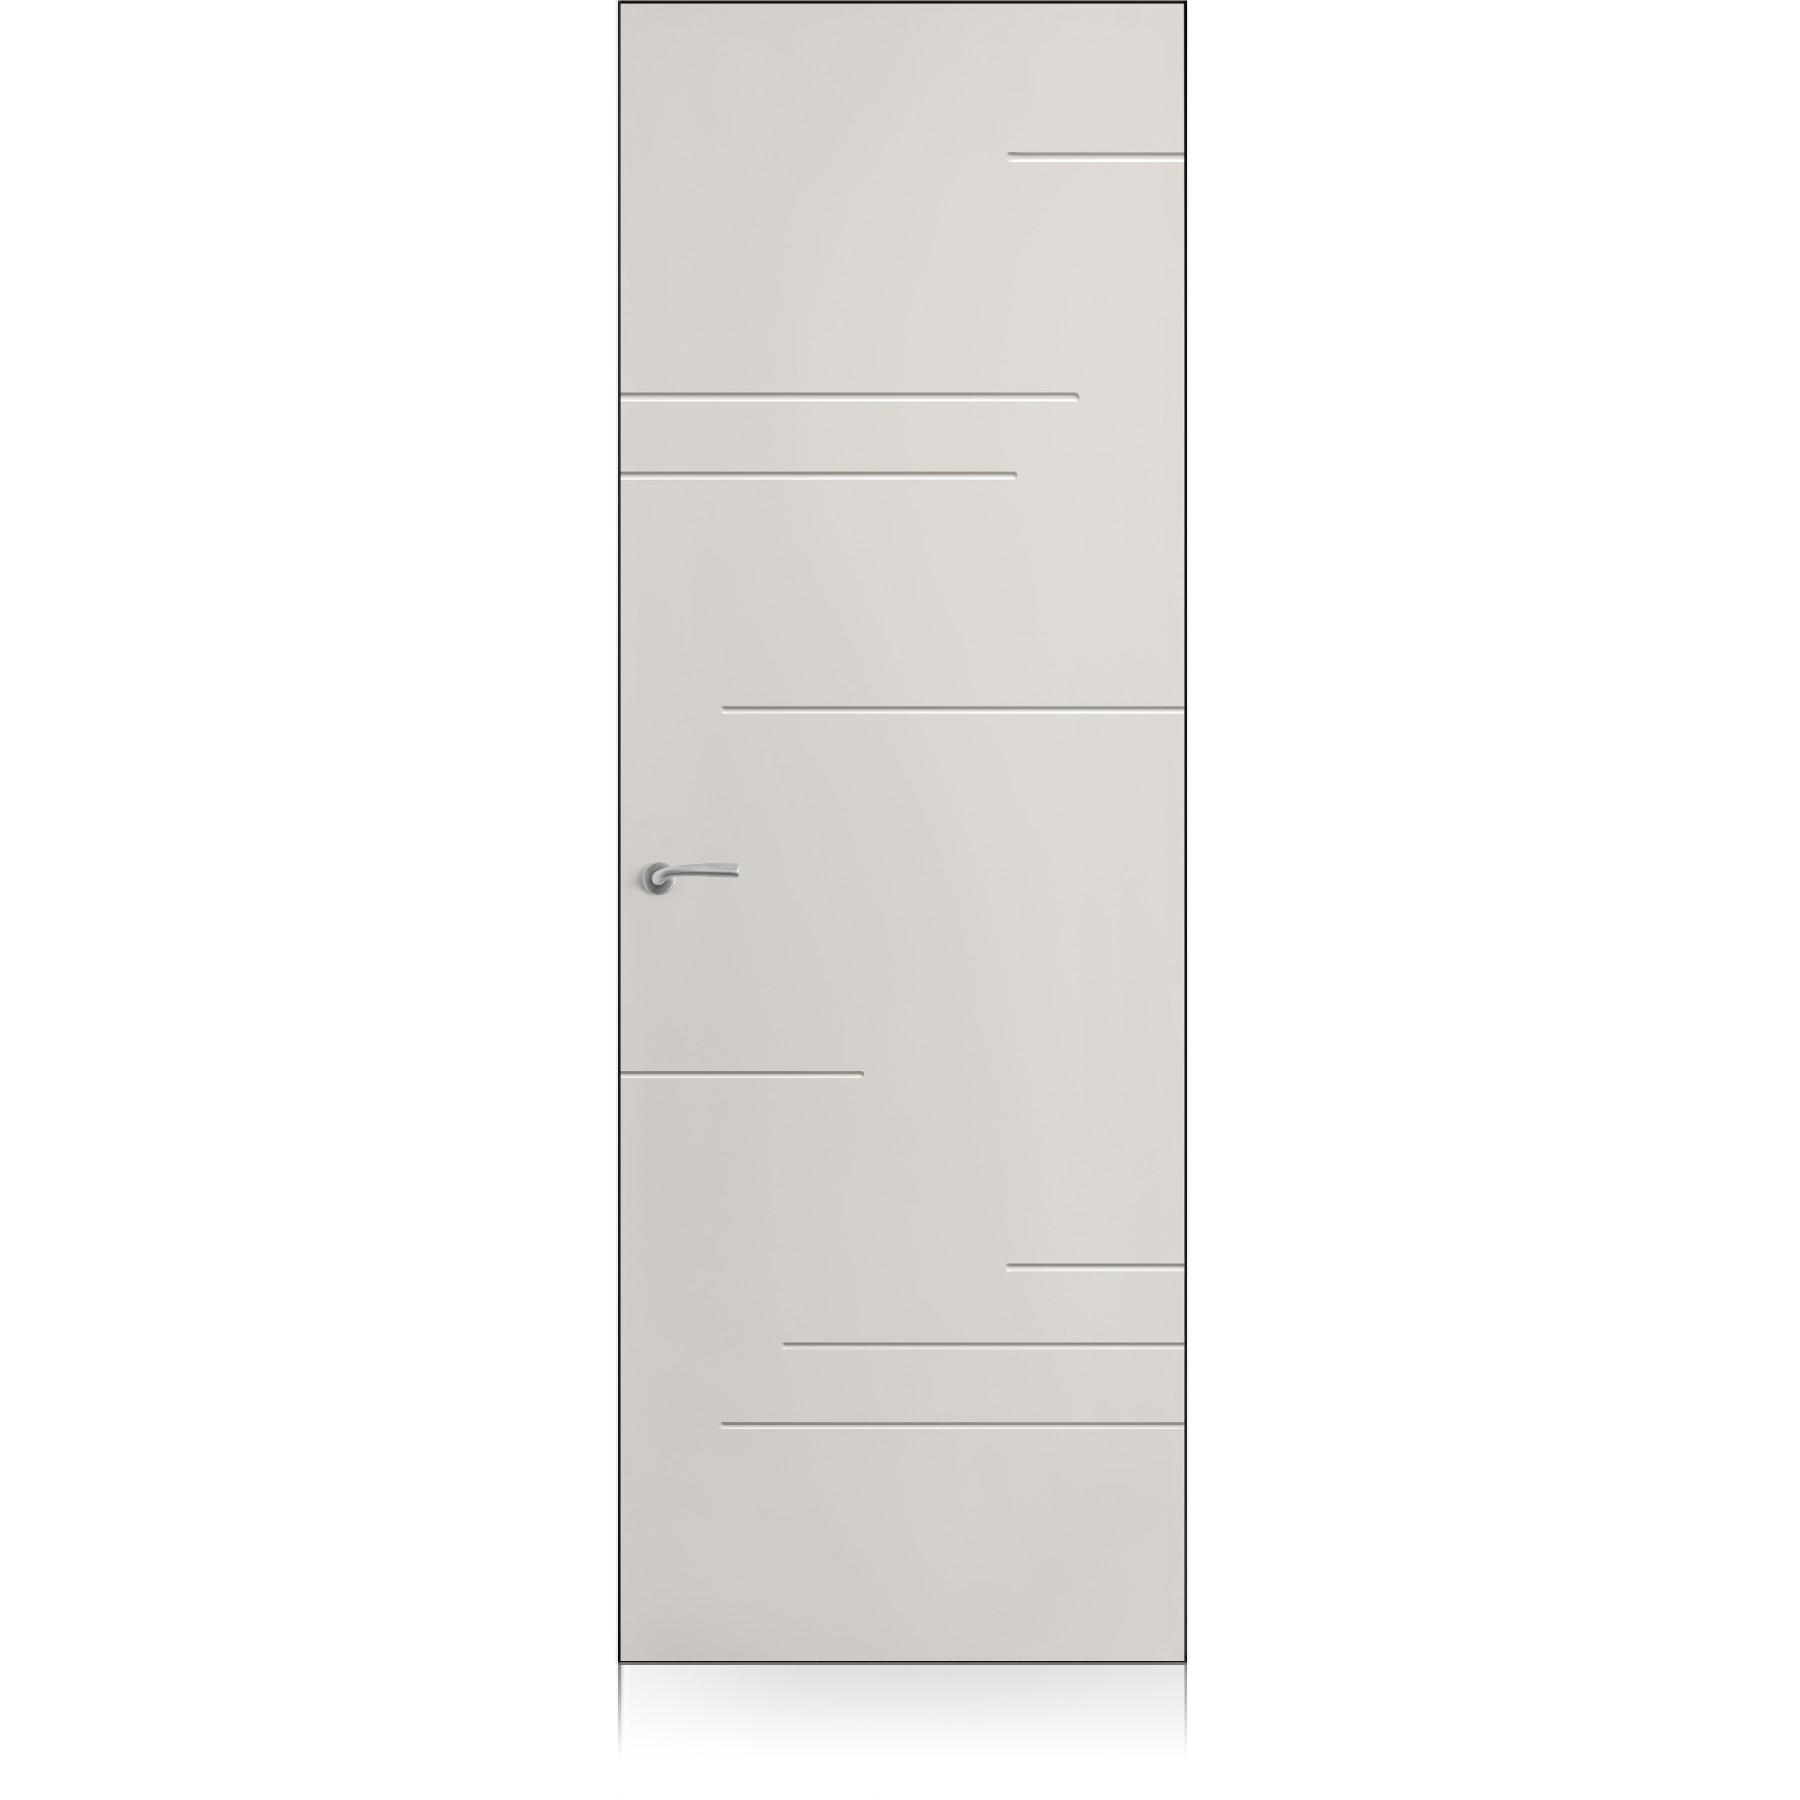 Porta Yncisa Segni Zero grigio lux